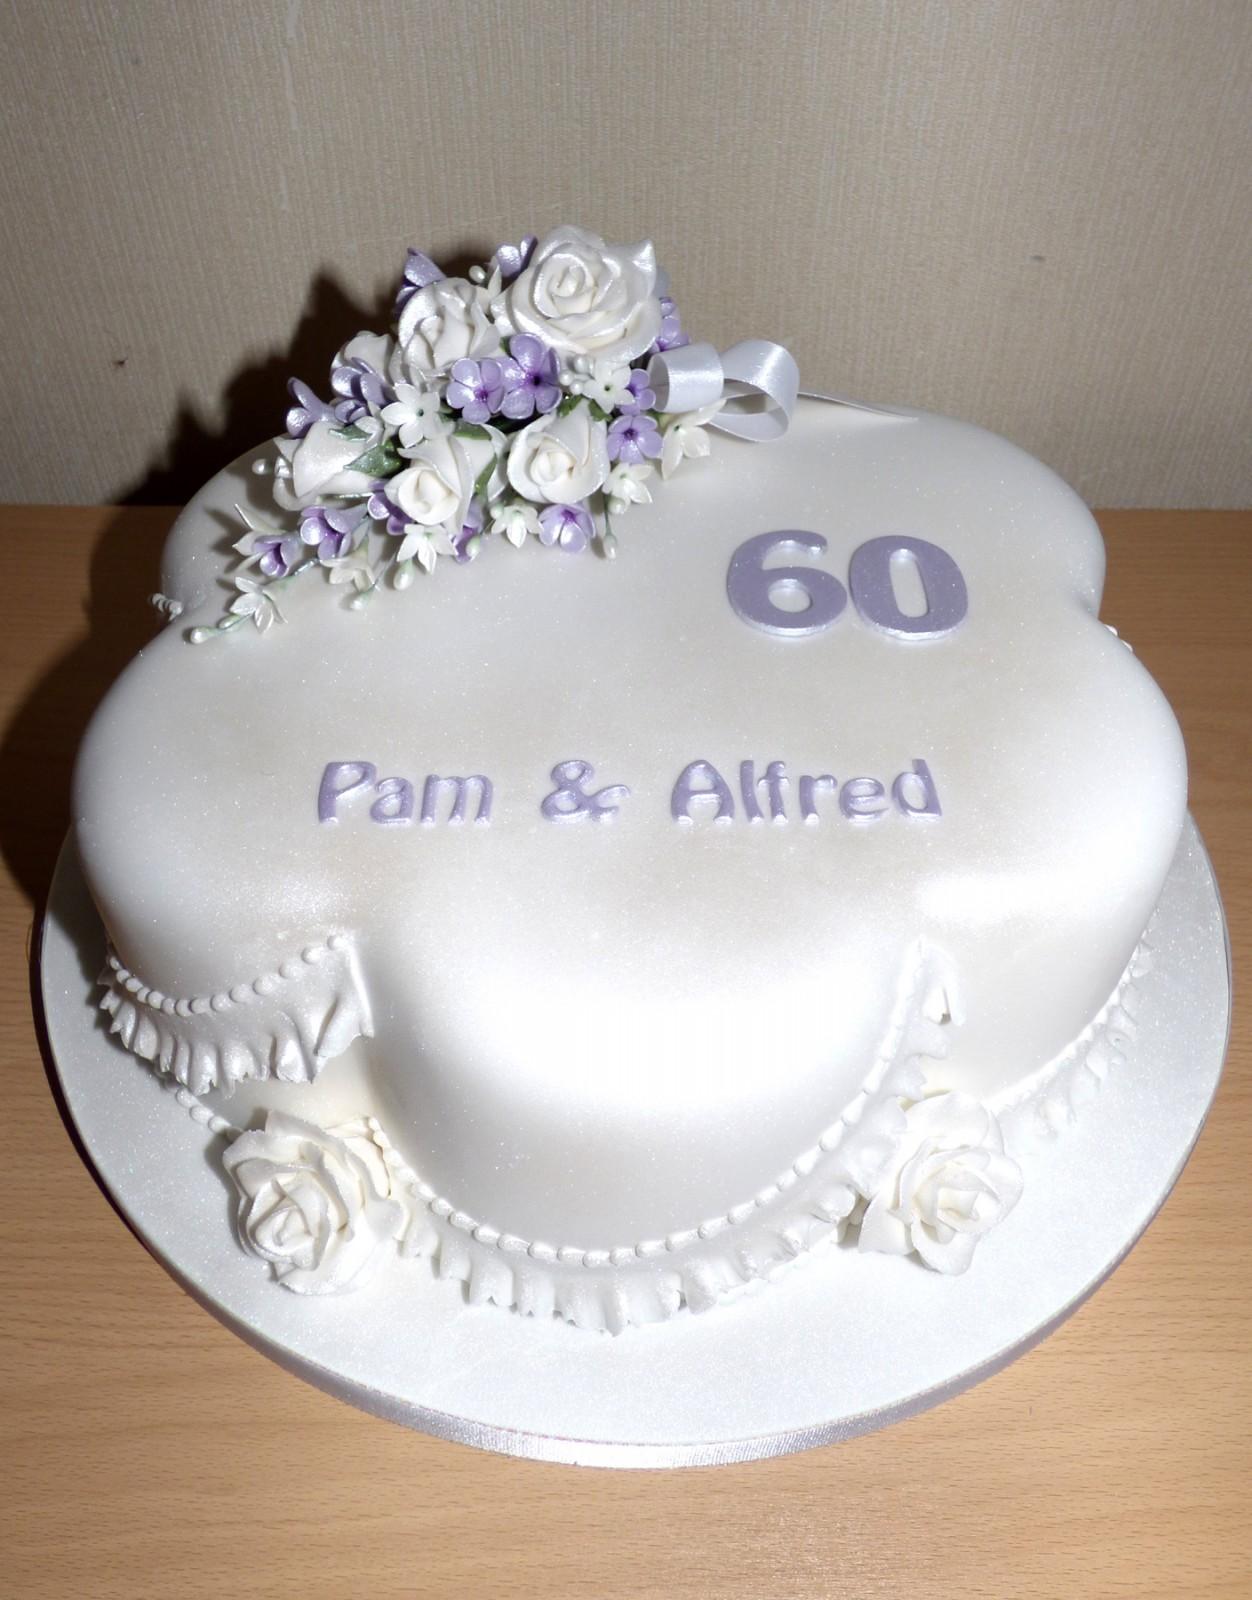 Diamond Wedding Anniversary Cake with Sugar Flower Spray « Susie\'s Cakes